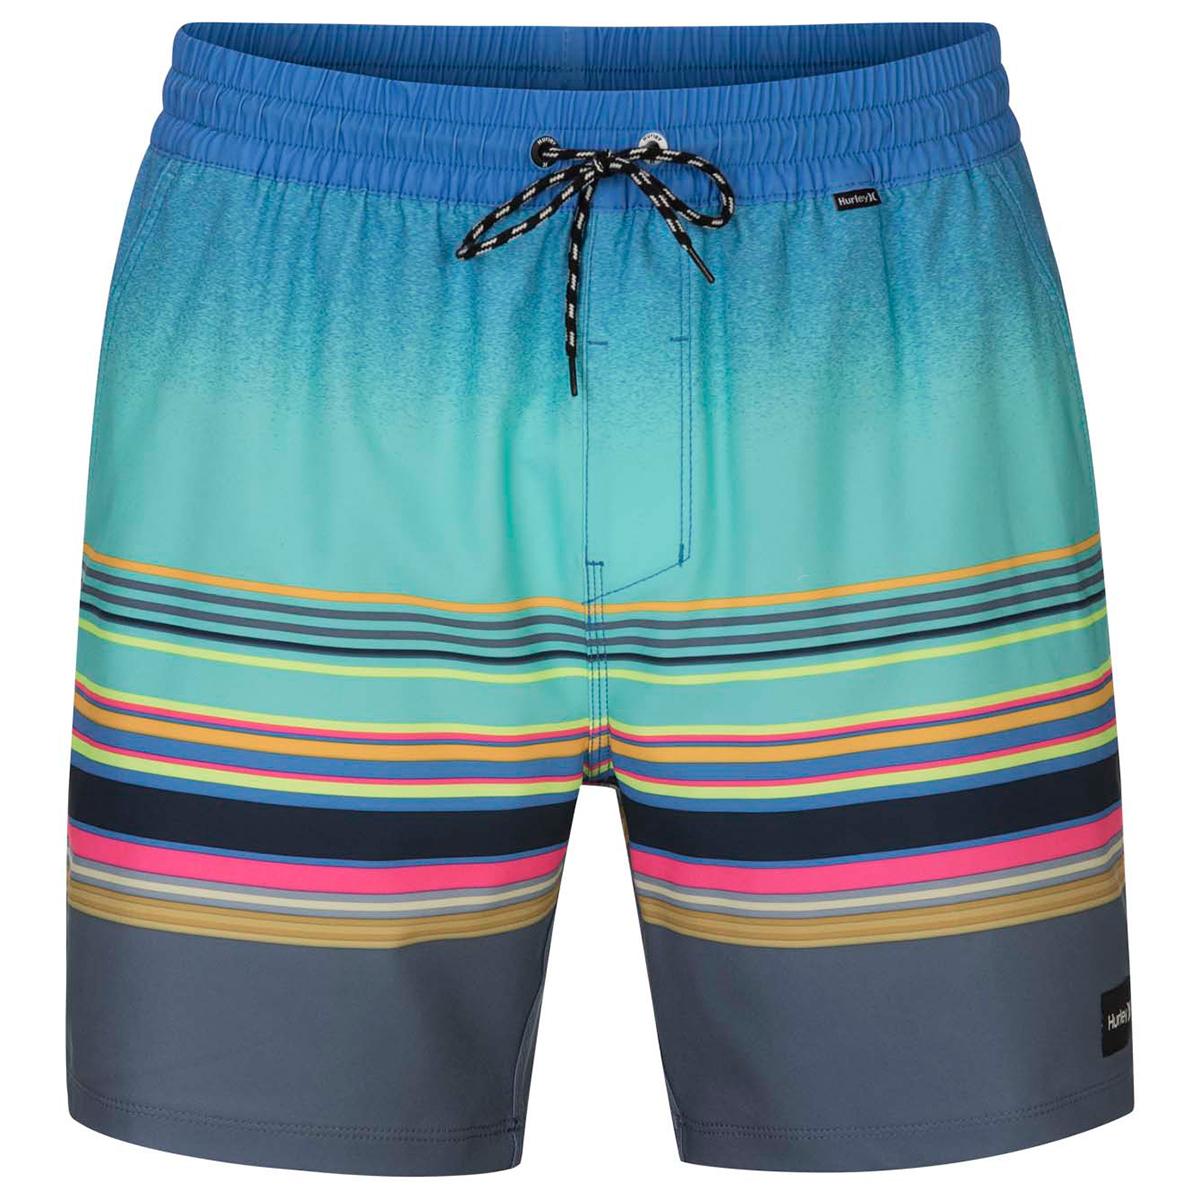 Hurley Men's Spectrum Volley Board Shorts - Green, S